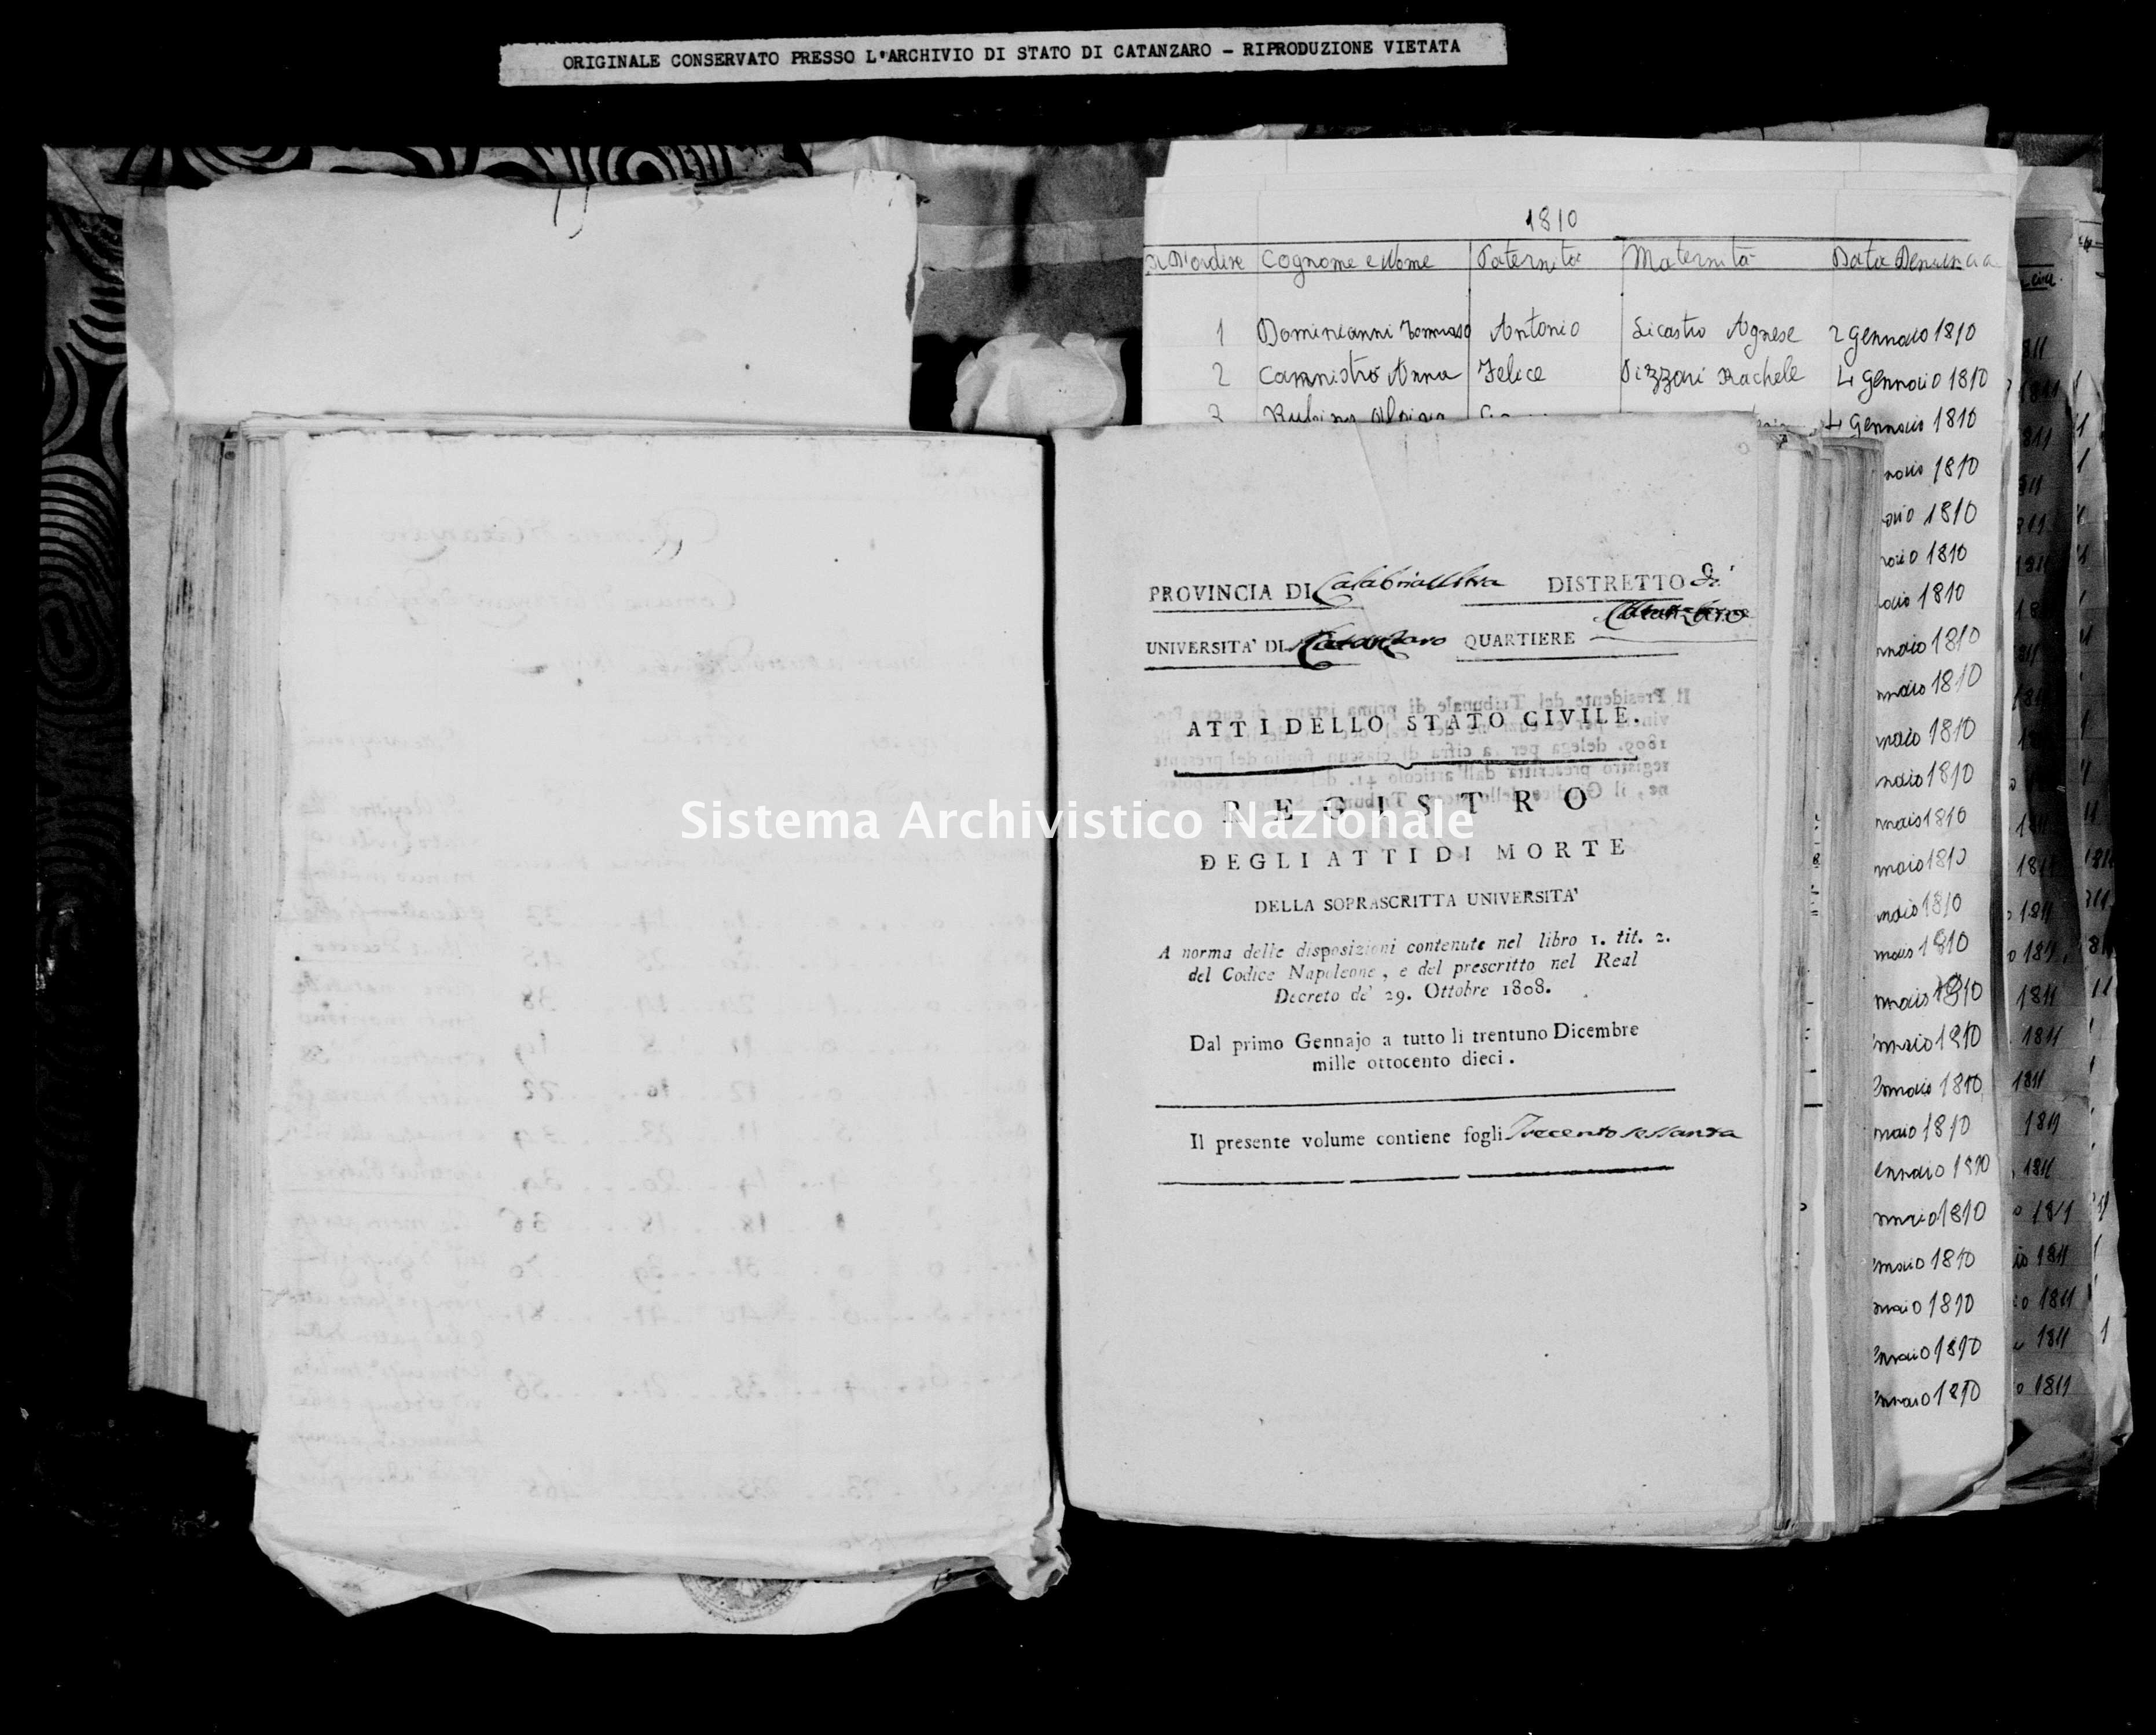 Archivio di stato di Catanzaro - Stato civile napoleonico - Catanzaro - Morti - 1810 -